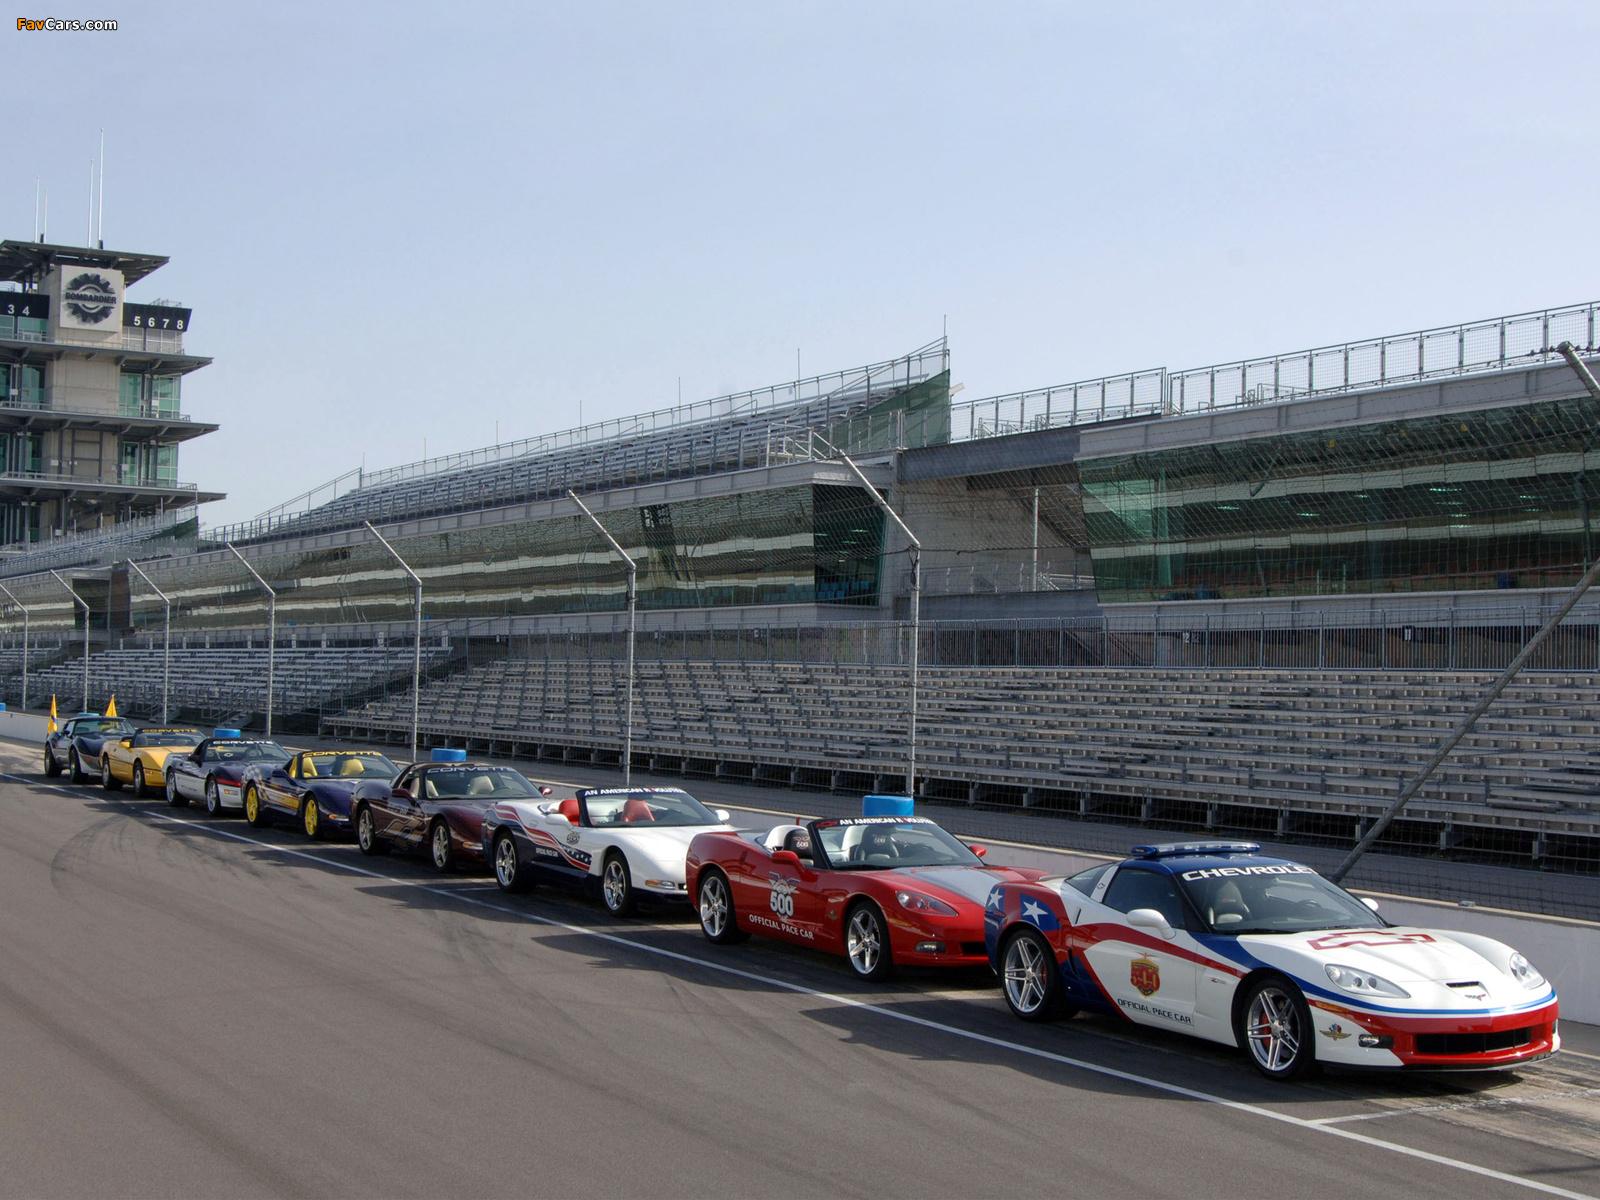 Corvette images (1600 x 1200)